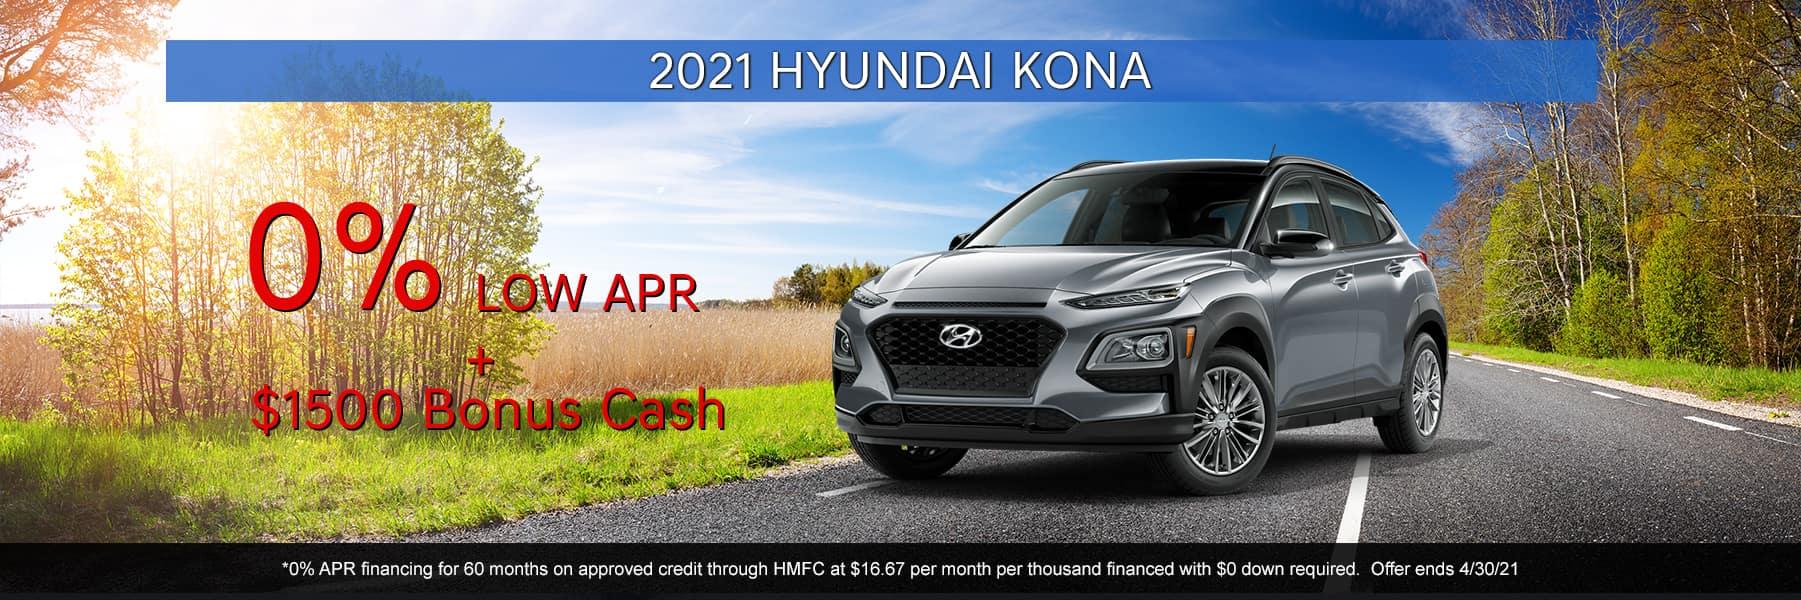 2021-Hyundai-Kona-Apr21